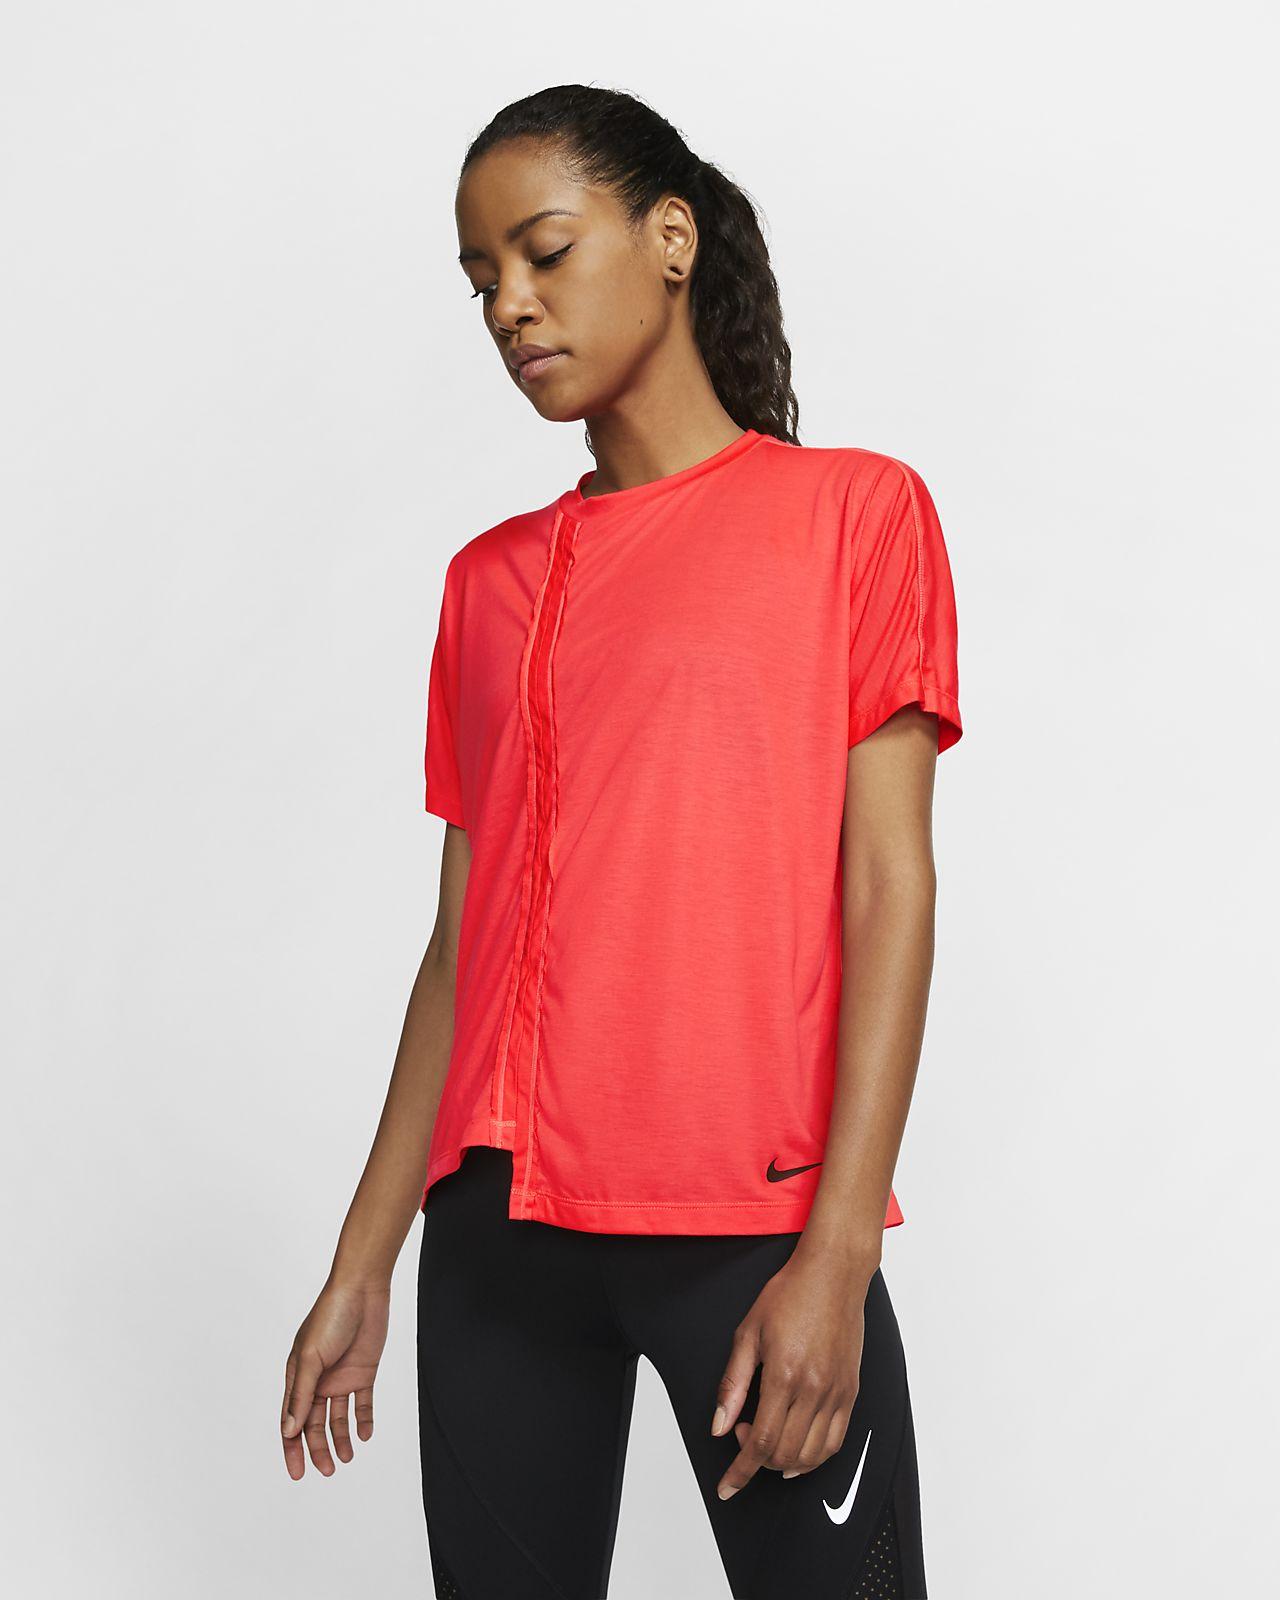 Kortärmad löpartröja Nike för kvinnor